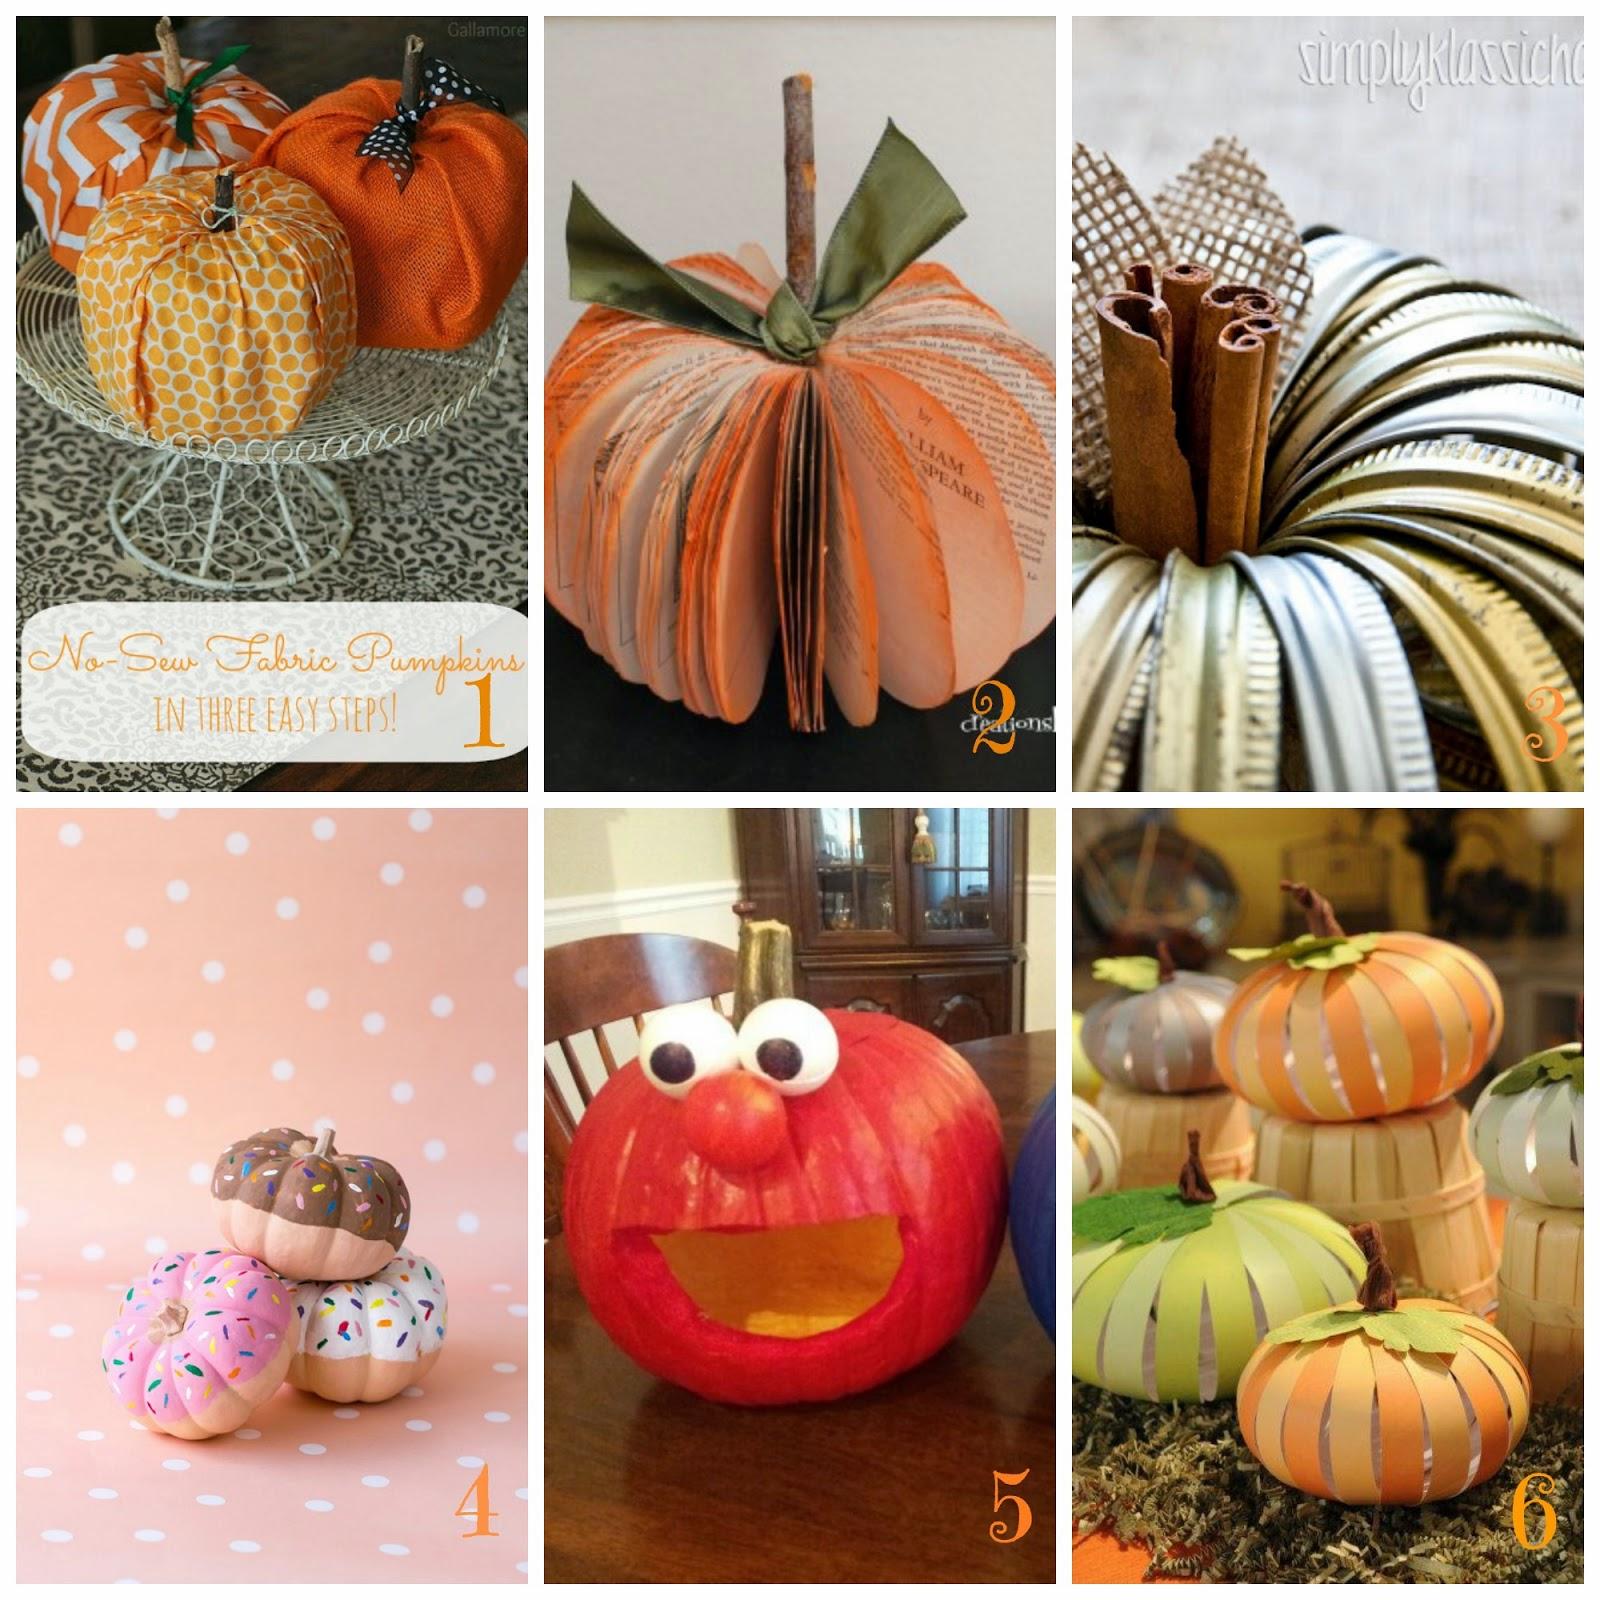 Halloween decorazioni fai da te 12 tutorial facili e - Addobbi casa fai da te ...